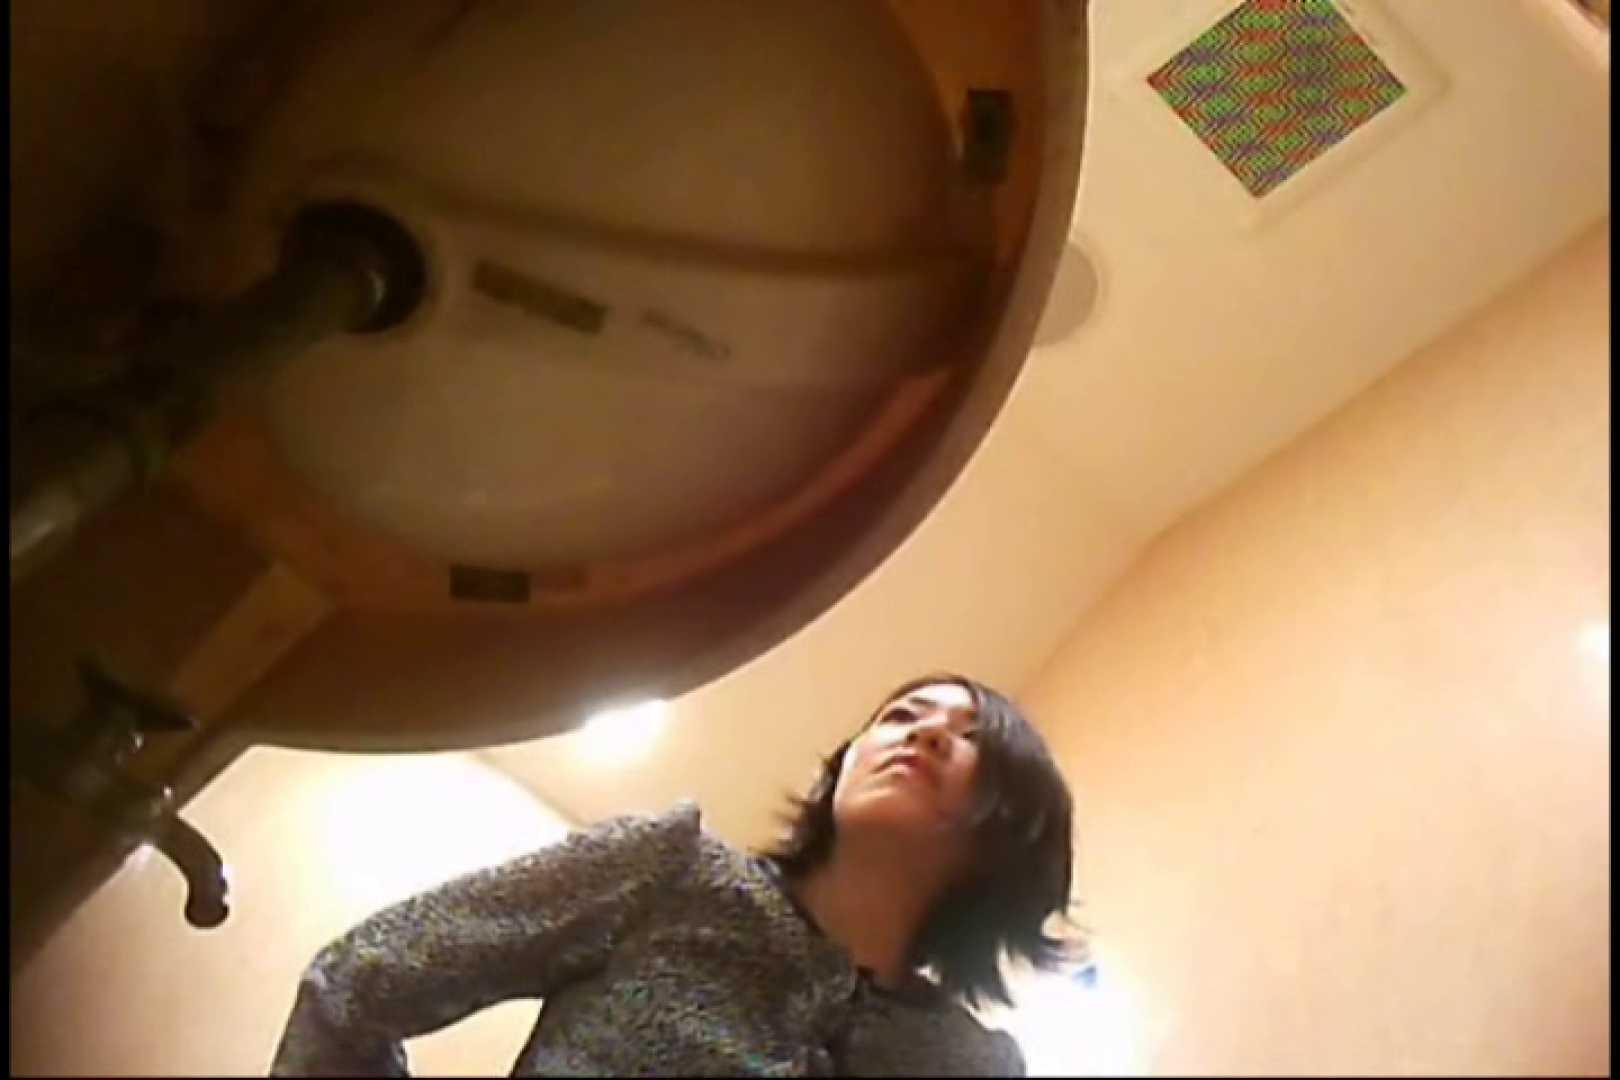 画質向上!新亀さん厠 vol.02 マンコ・ムレムレ | 厠隠し撮り  99pic 79